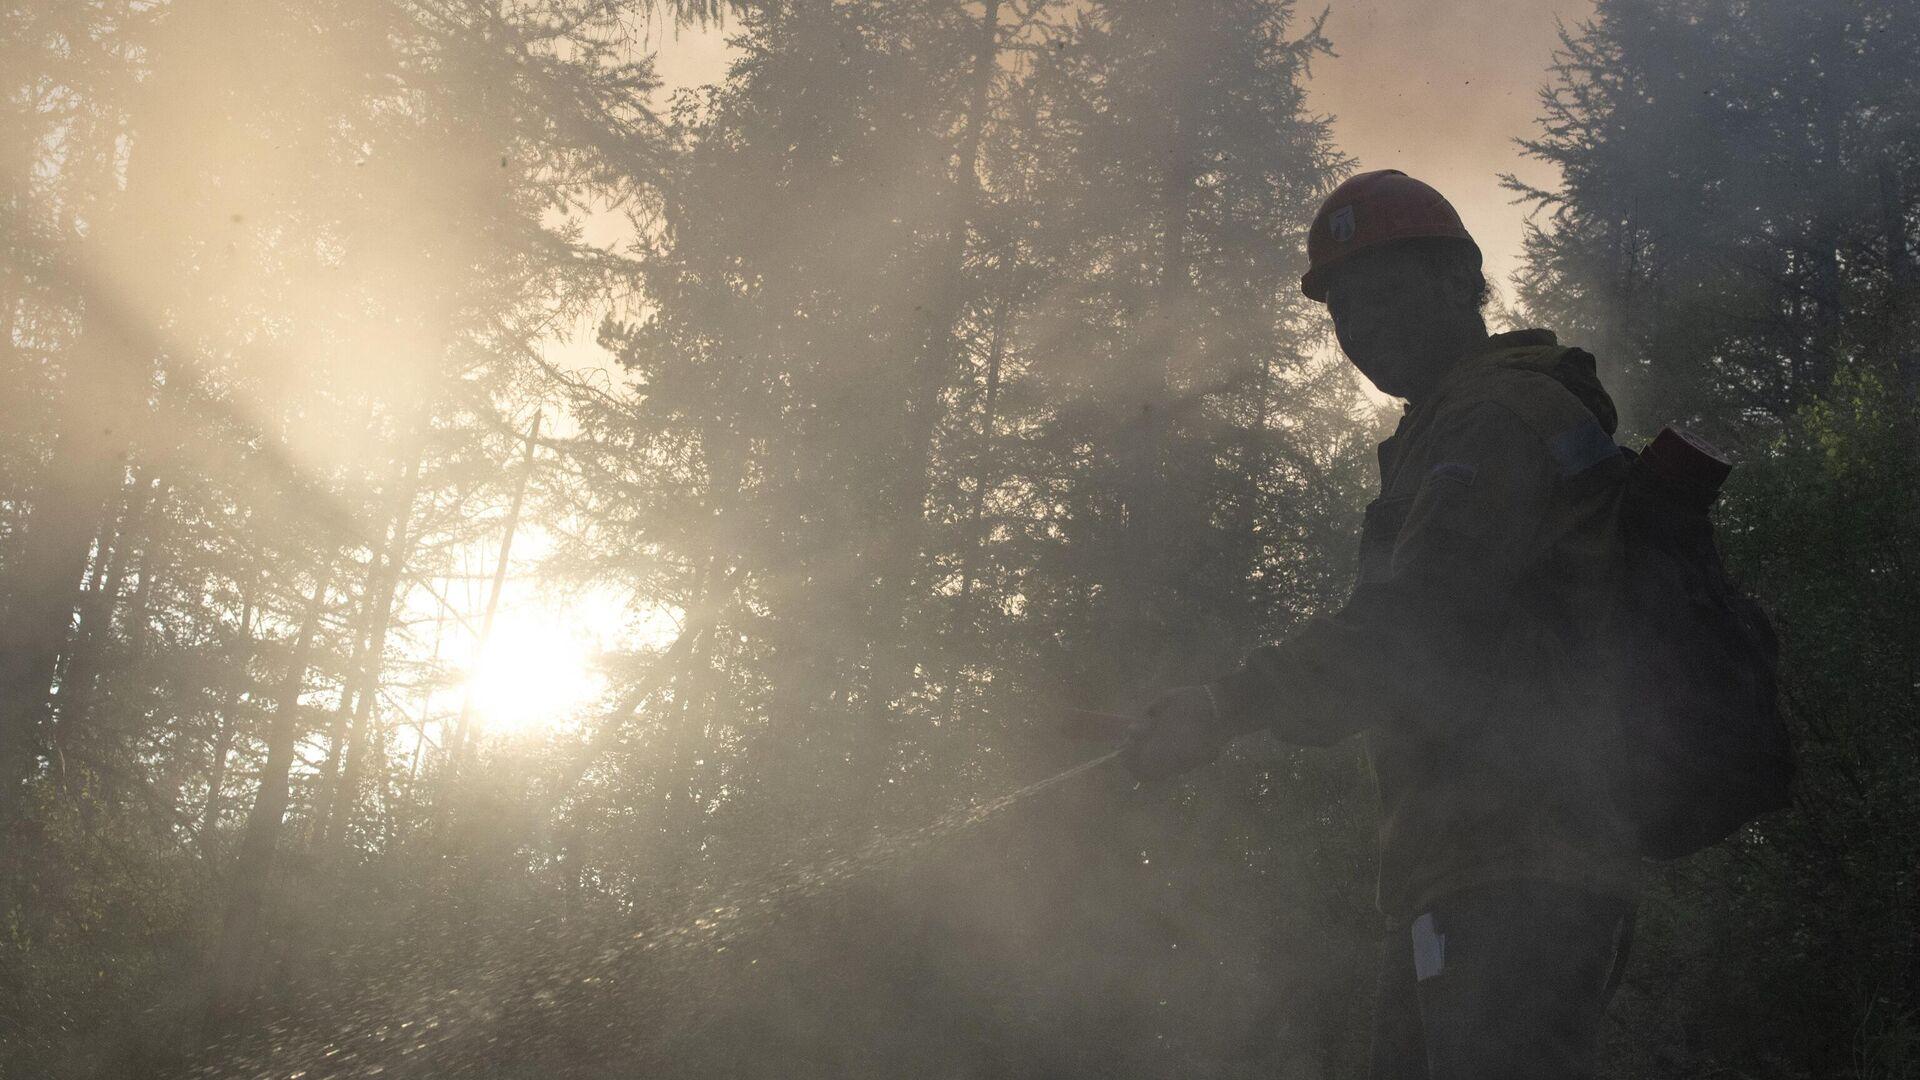 Глава Якутии назвал ситуацию с лесными пожарами крайне напряженной